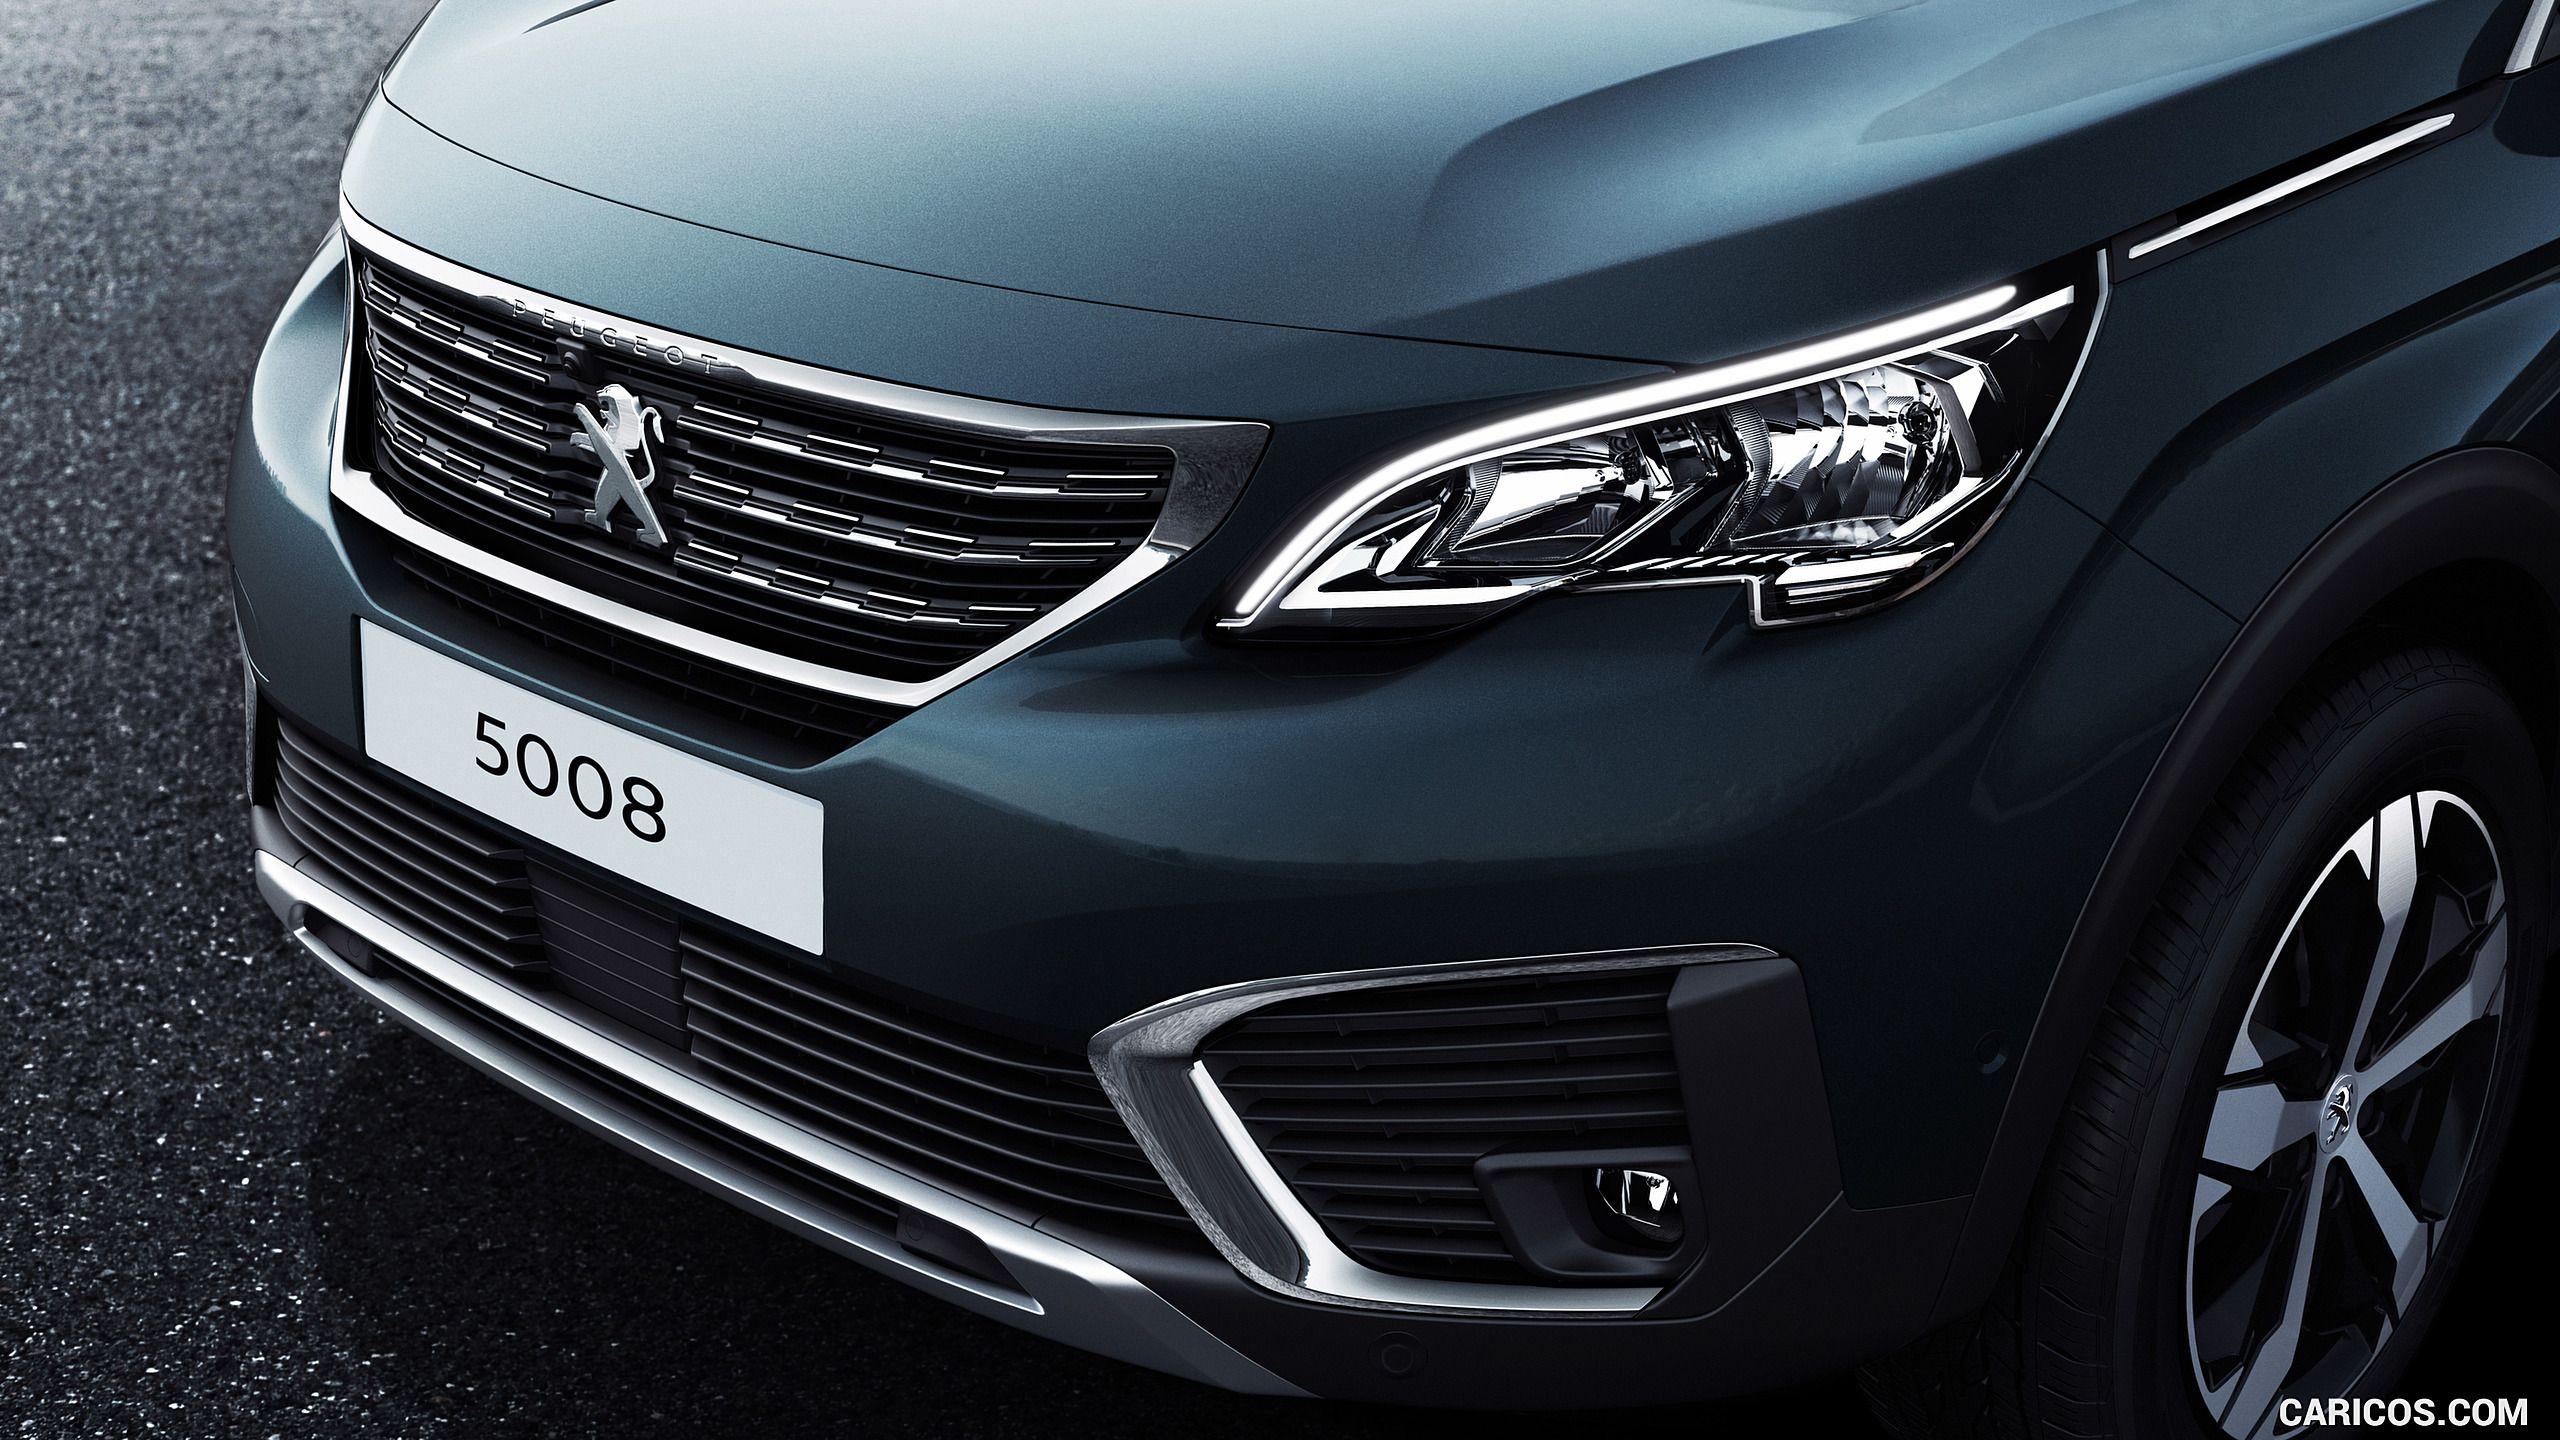 2017 Peugeot 5008 Grill Hd Peugeot Bmw Car Car